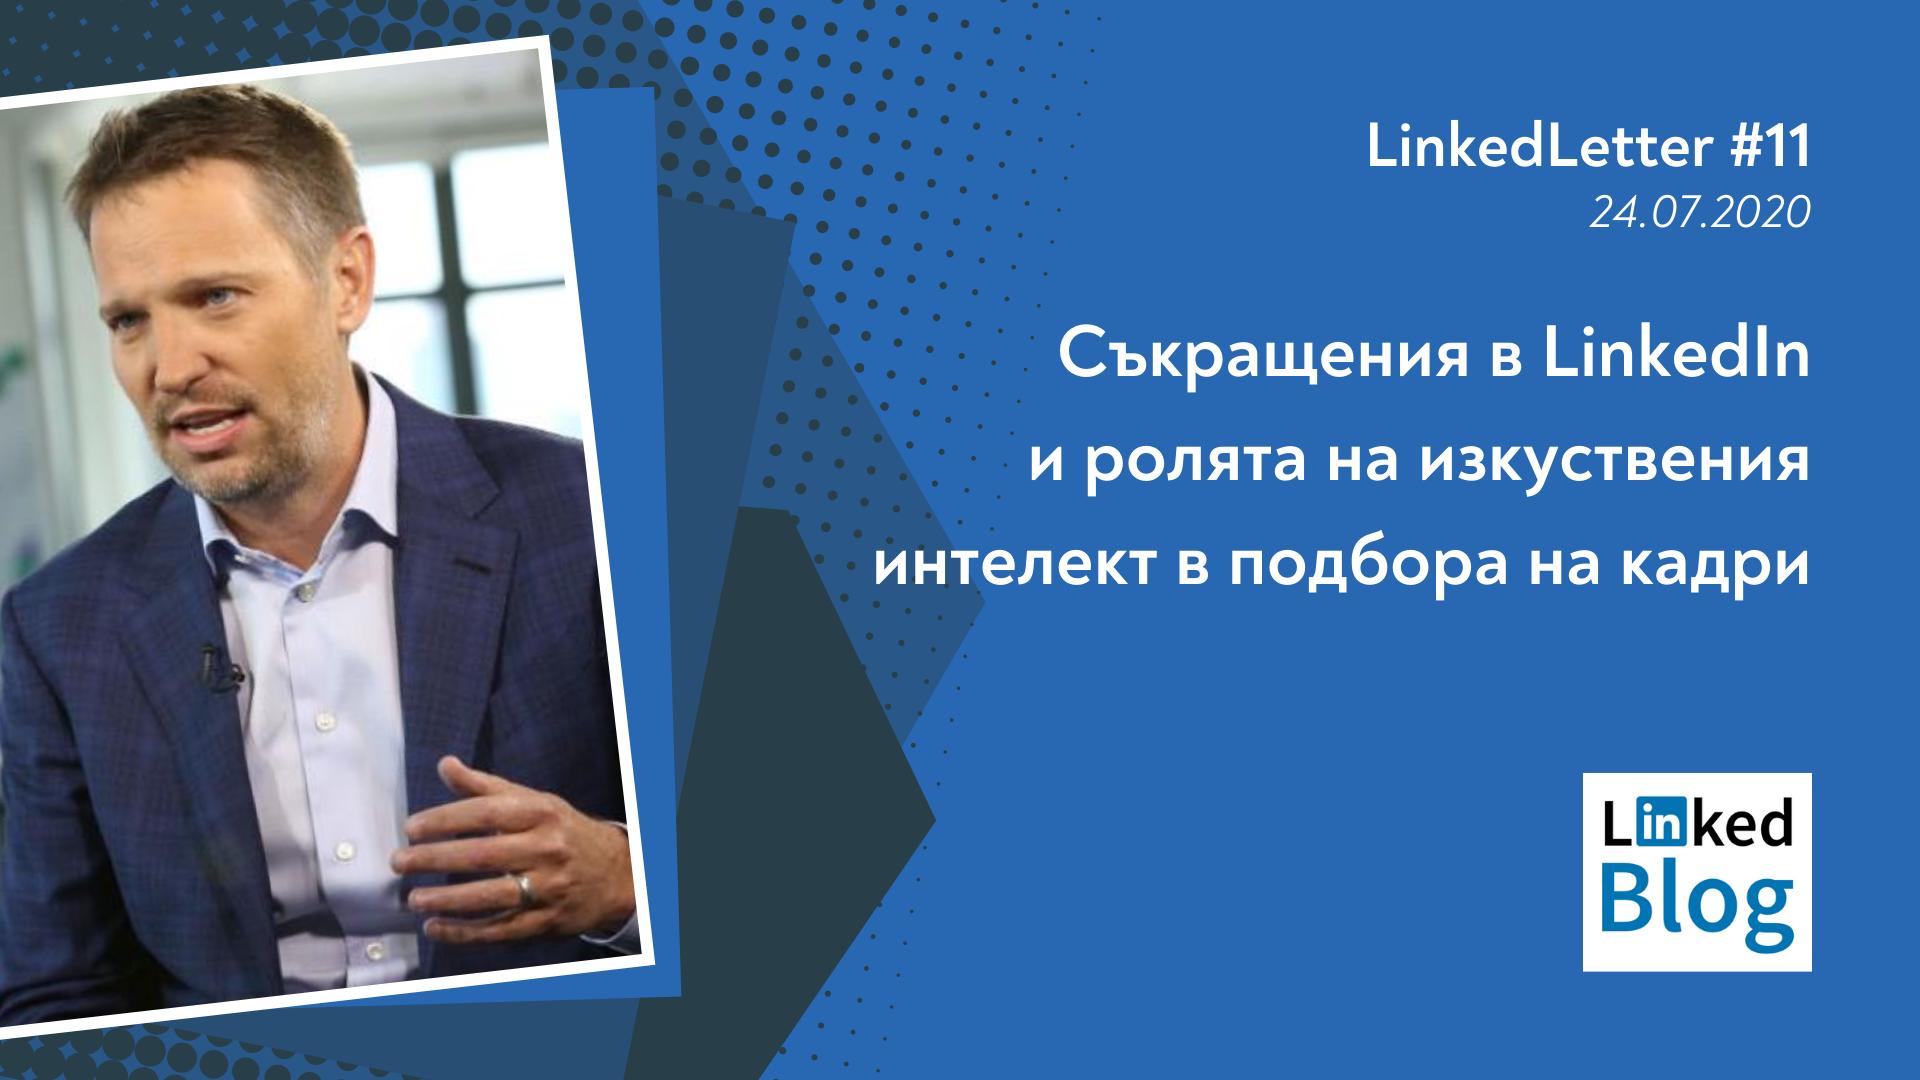 LinkedLetter 11